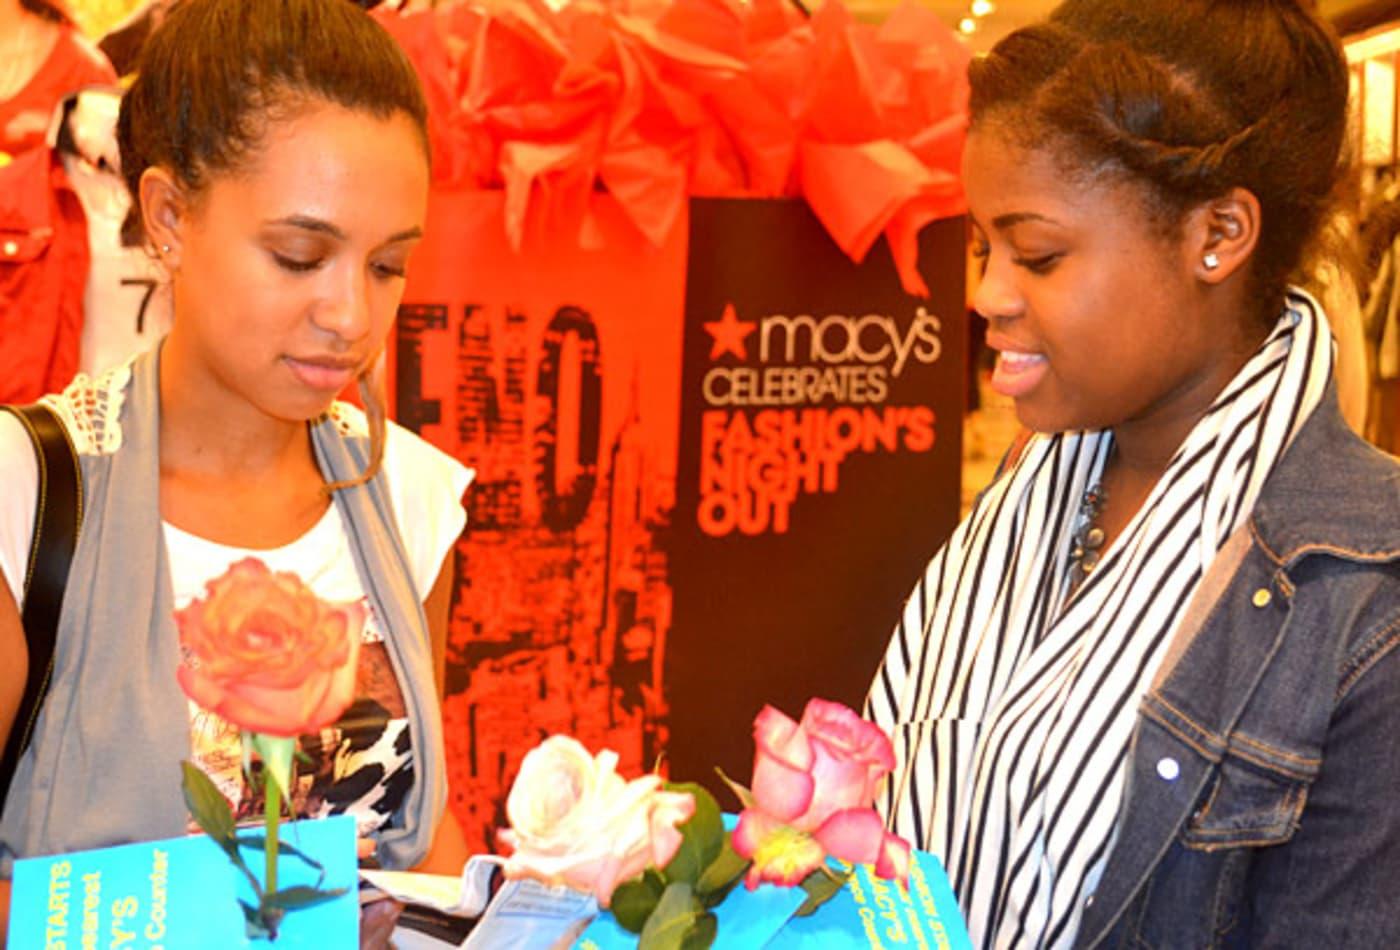 CNBC_NYC_fashion_week_2011_FNO1.jpg